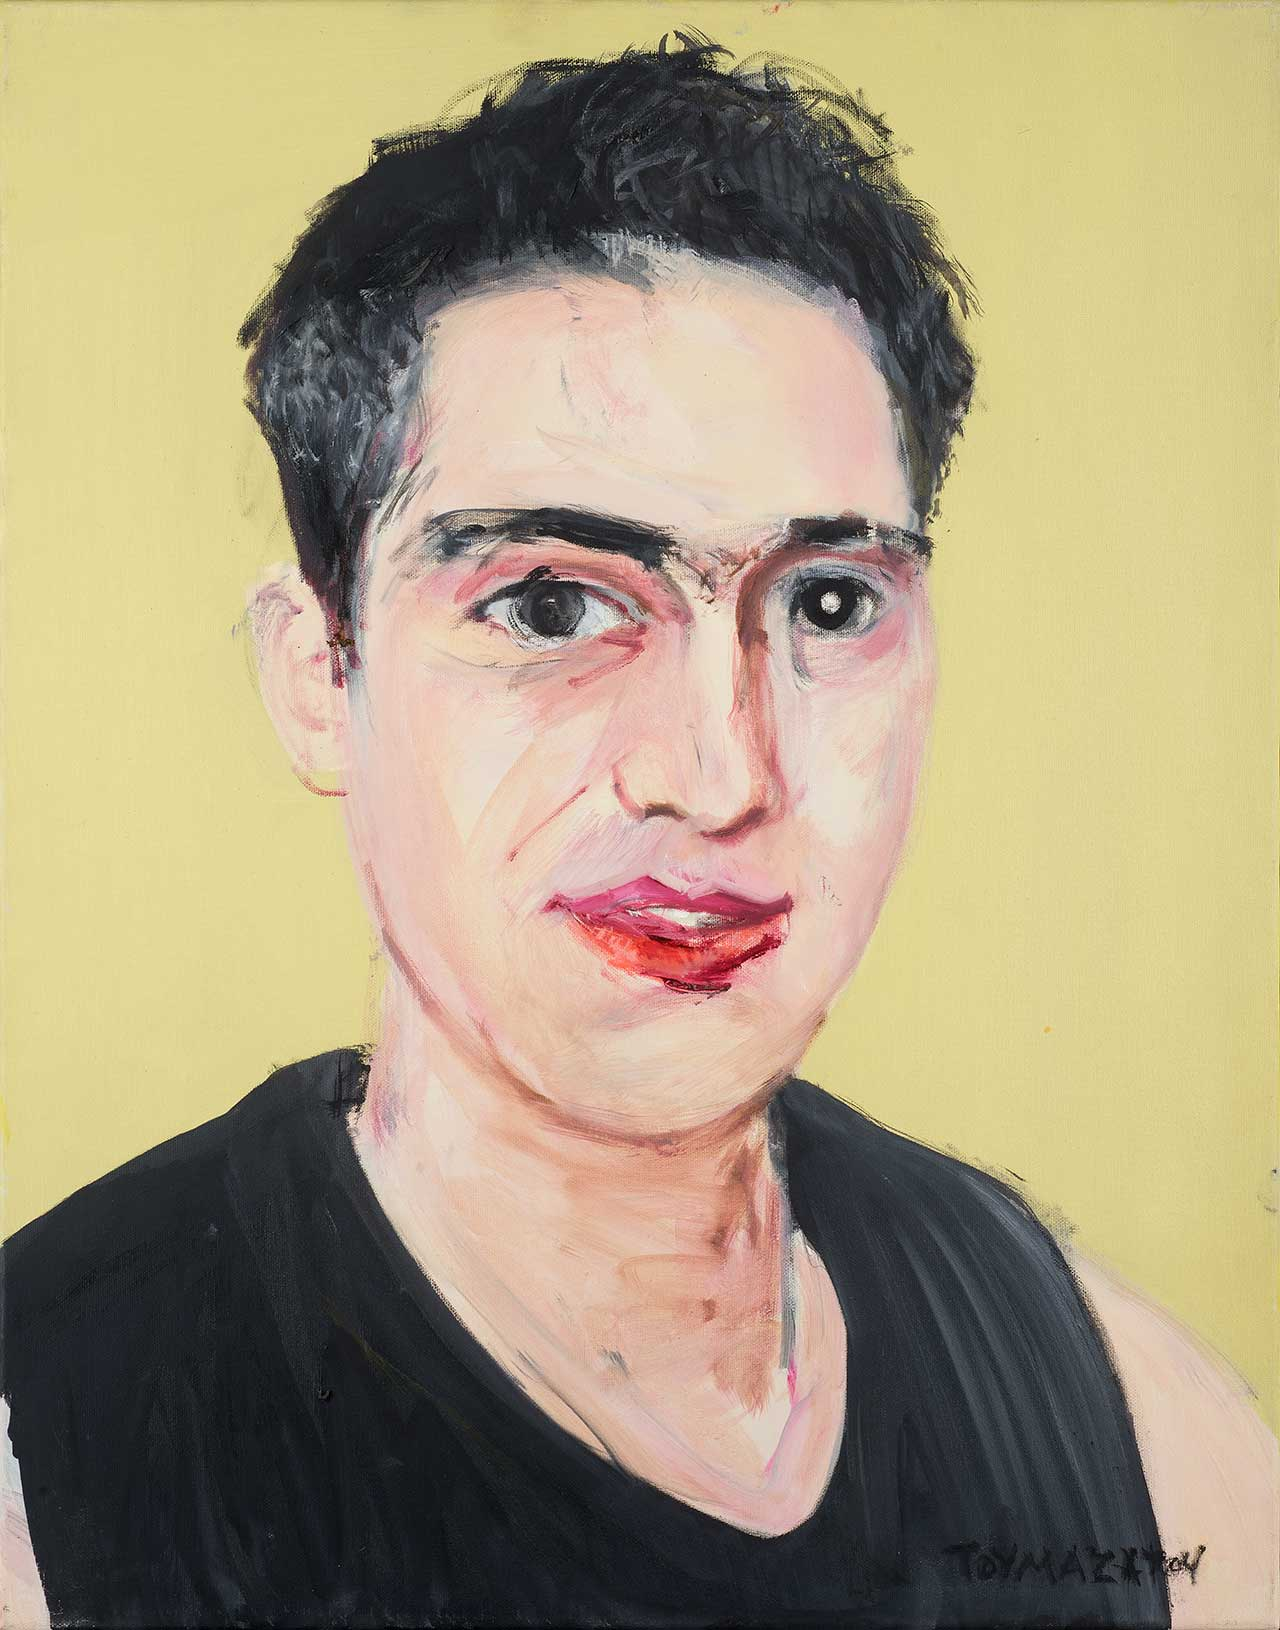 Πορτραίτο, 2008, λάδι σε καμβά, 70x55 εκ.